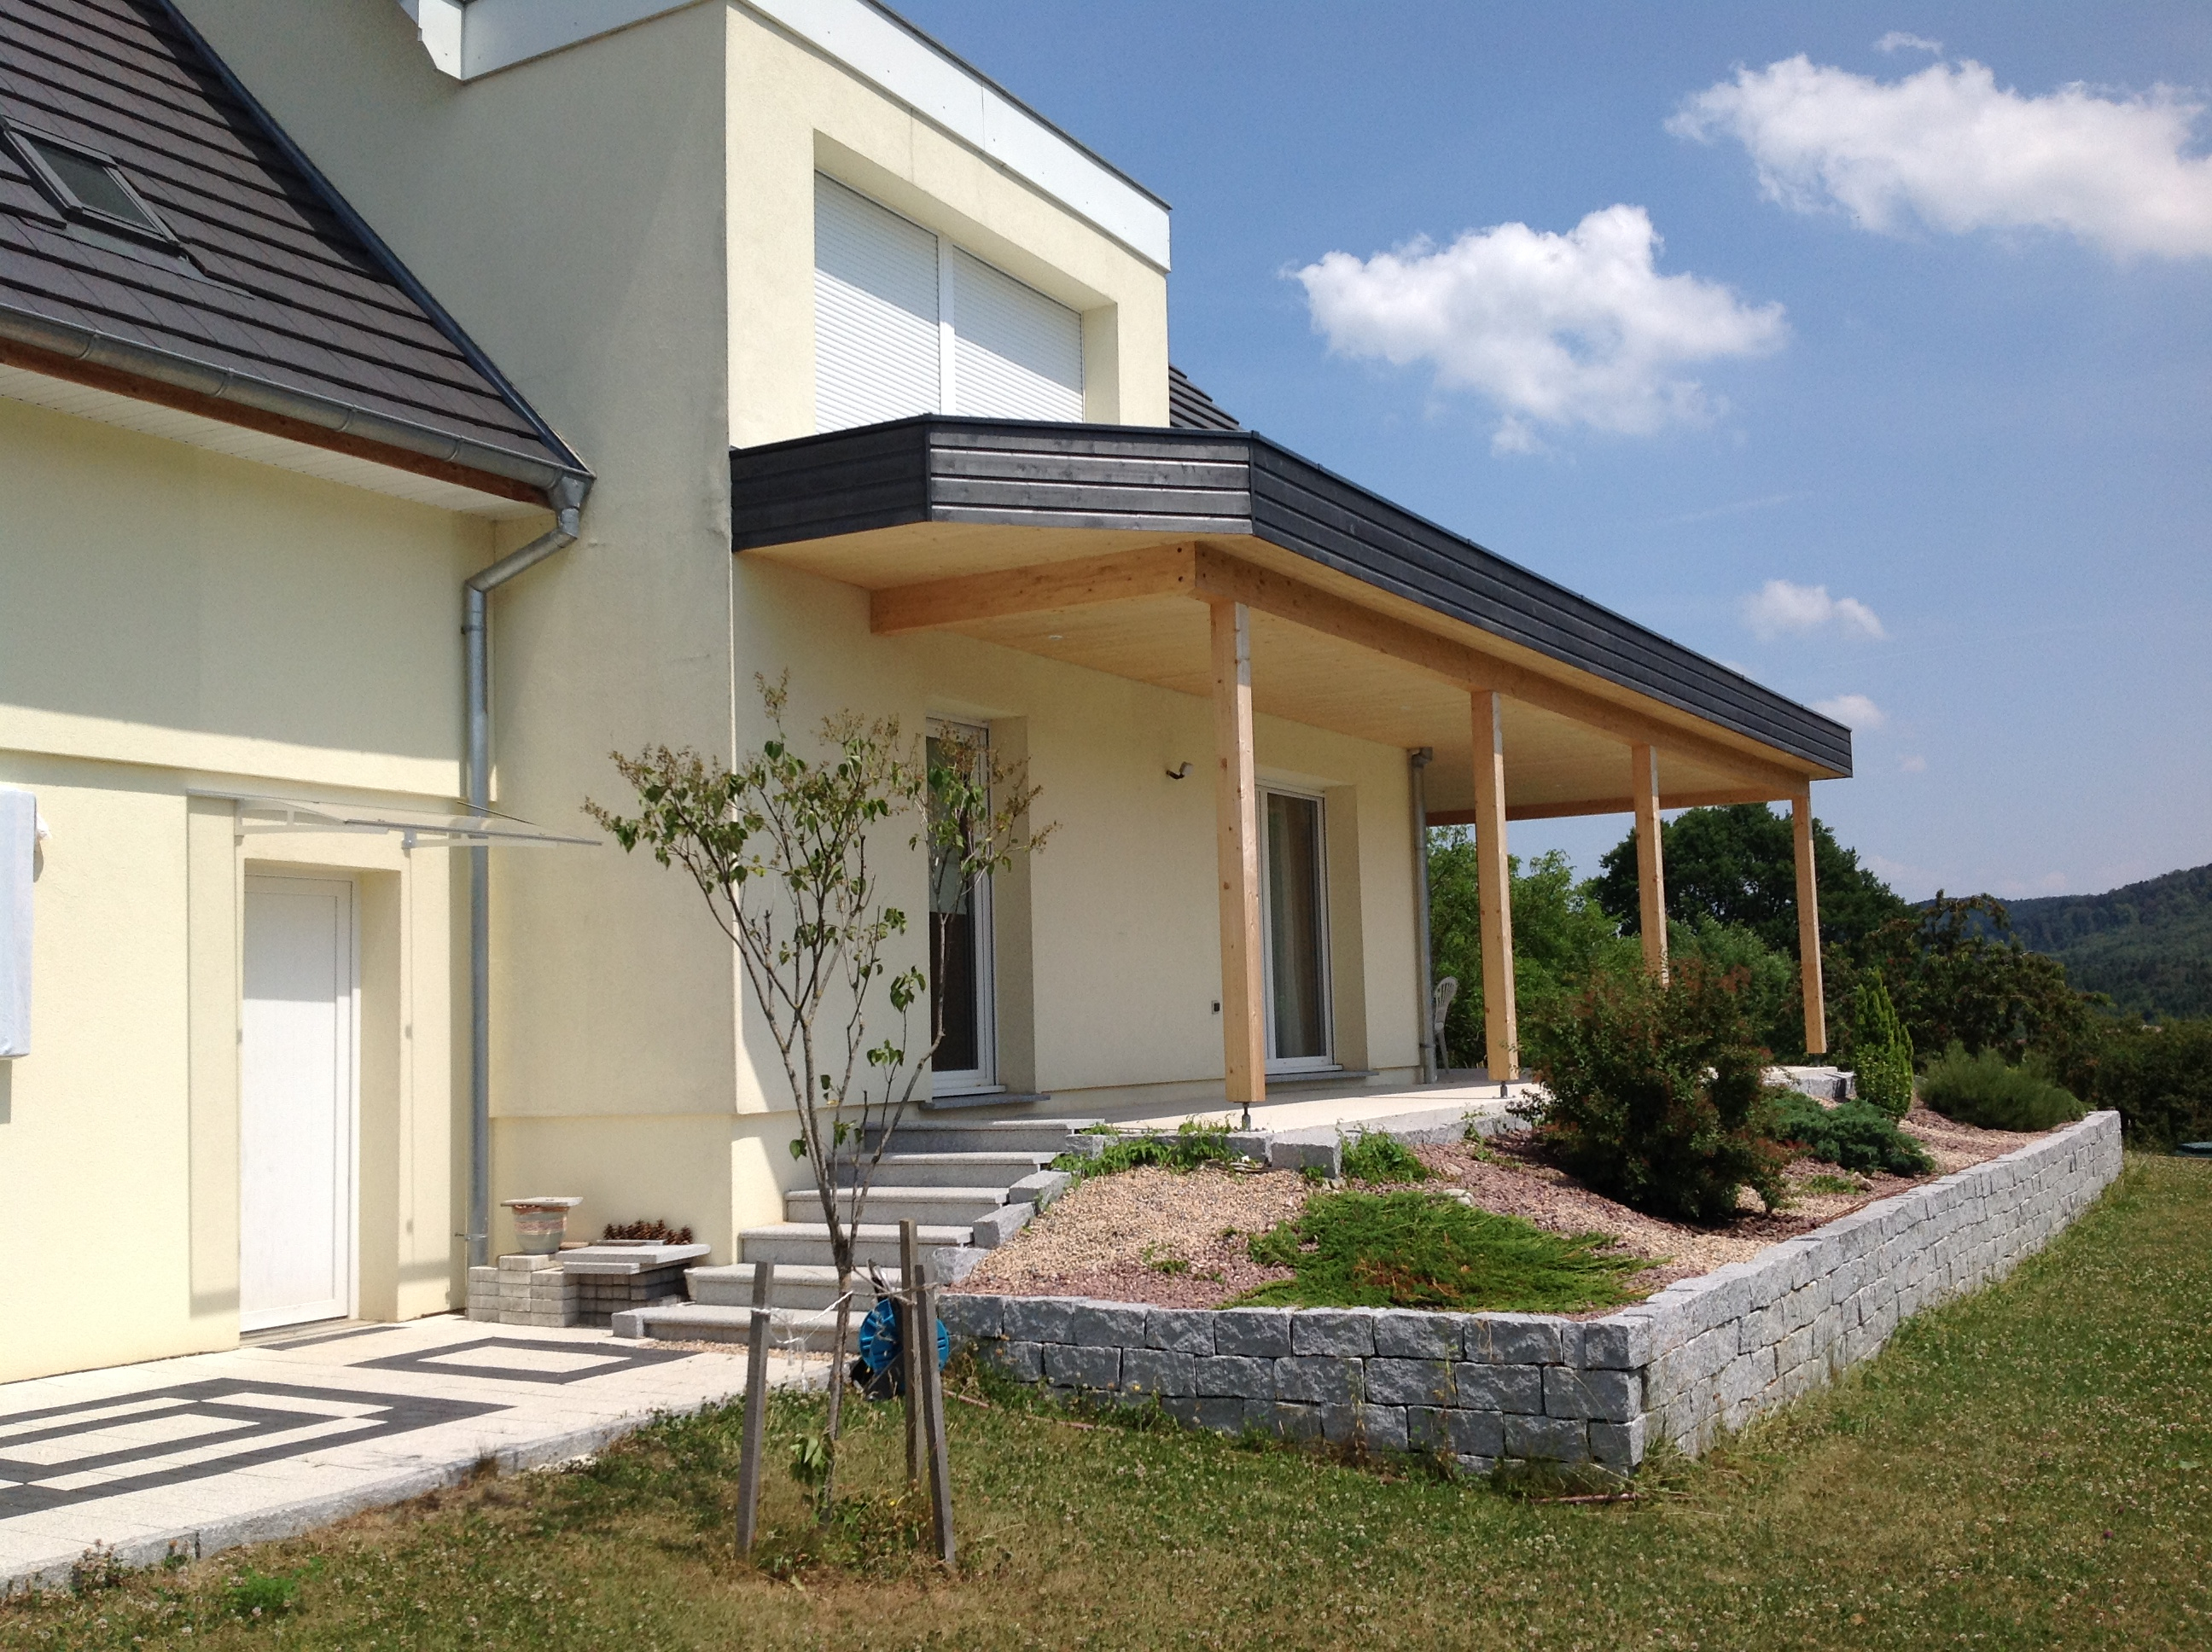 Terrasse Toit Plat Et Garage Attenant - Abt Construction Bois à Terrasse Toit Plat